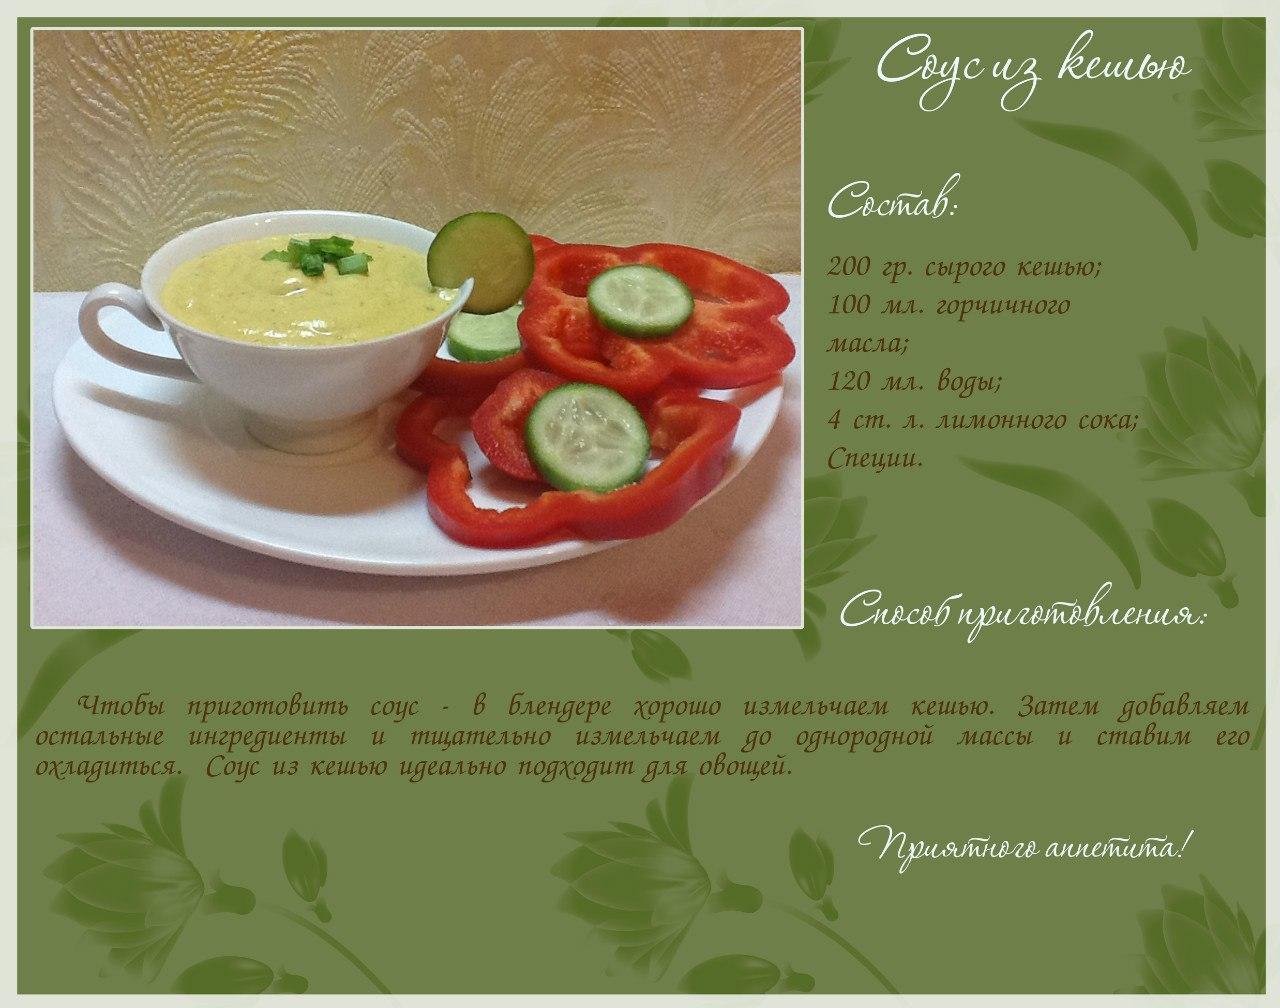 Картинка по теме: Подскажите рецепты сыроедения на каждый день!